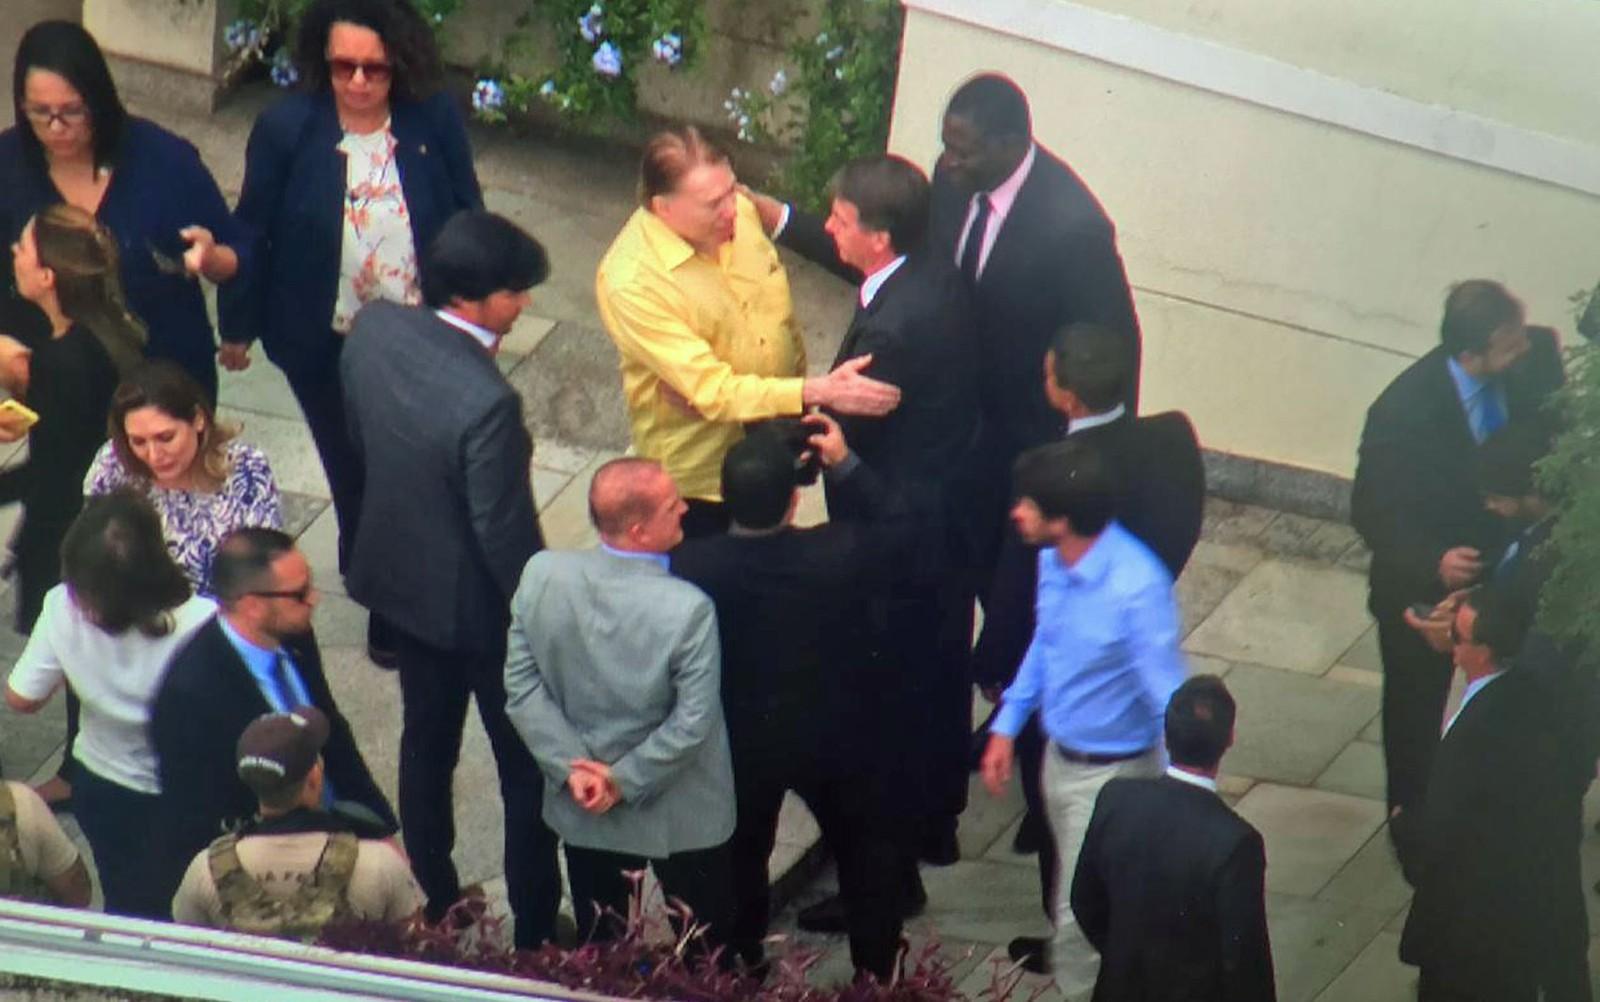 Após consulta médica, Bolsonaro almoça com Silvio Santos em São Paulo